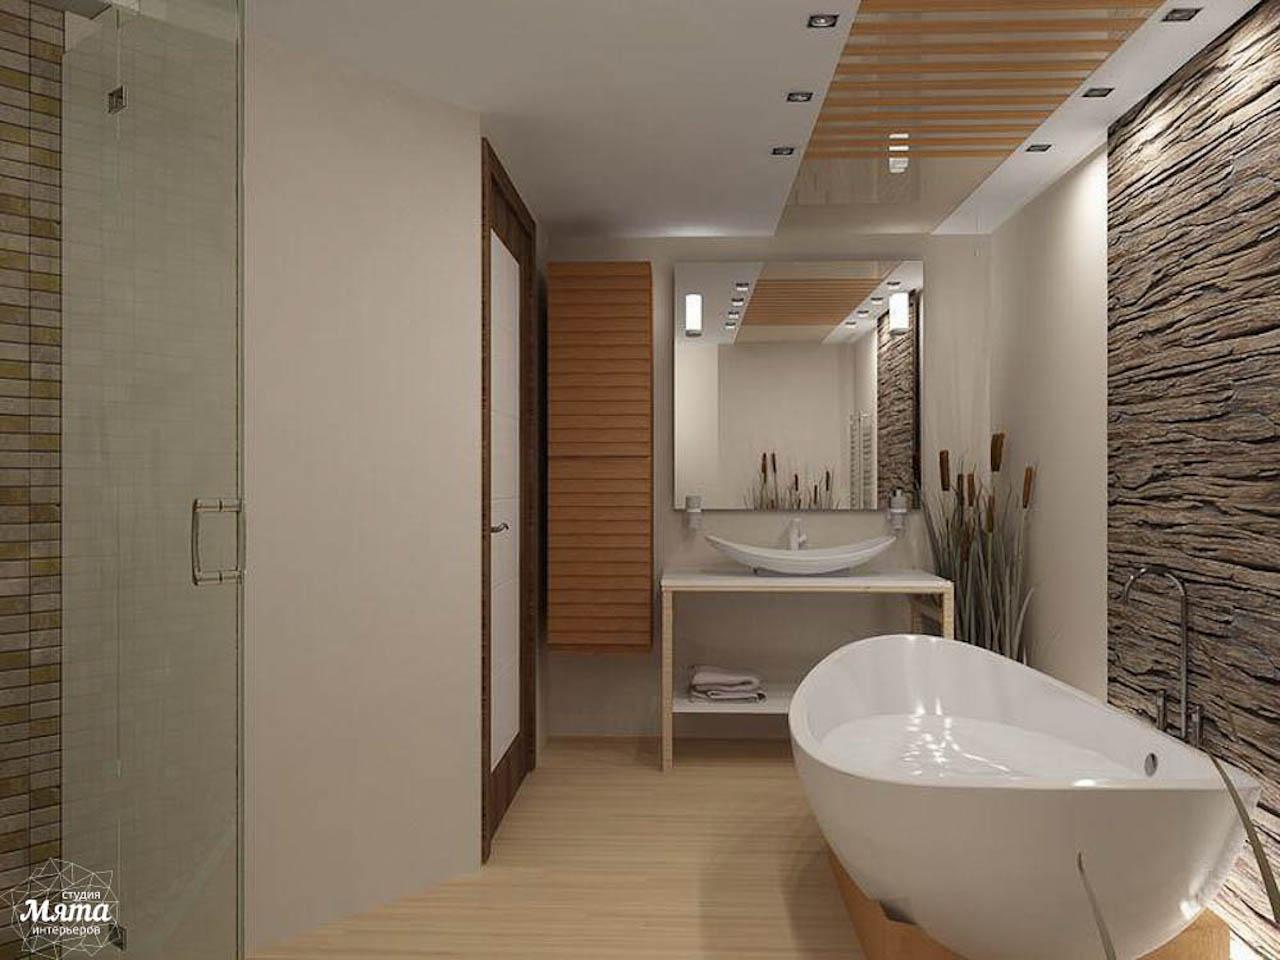 Дизайн интерьера трехкомнатной квартиры по ул. Куйбышева 21-2 img1055603751